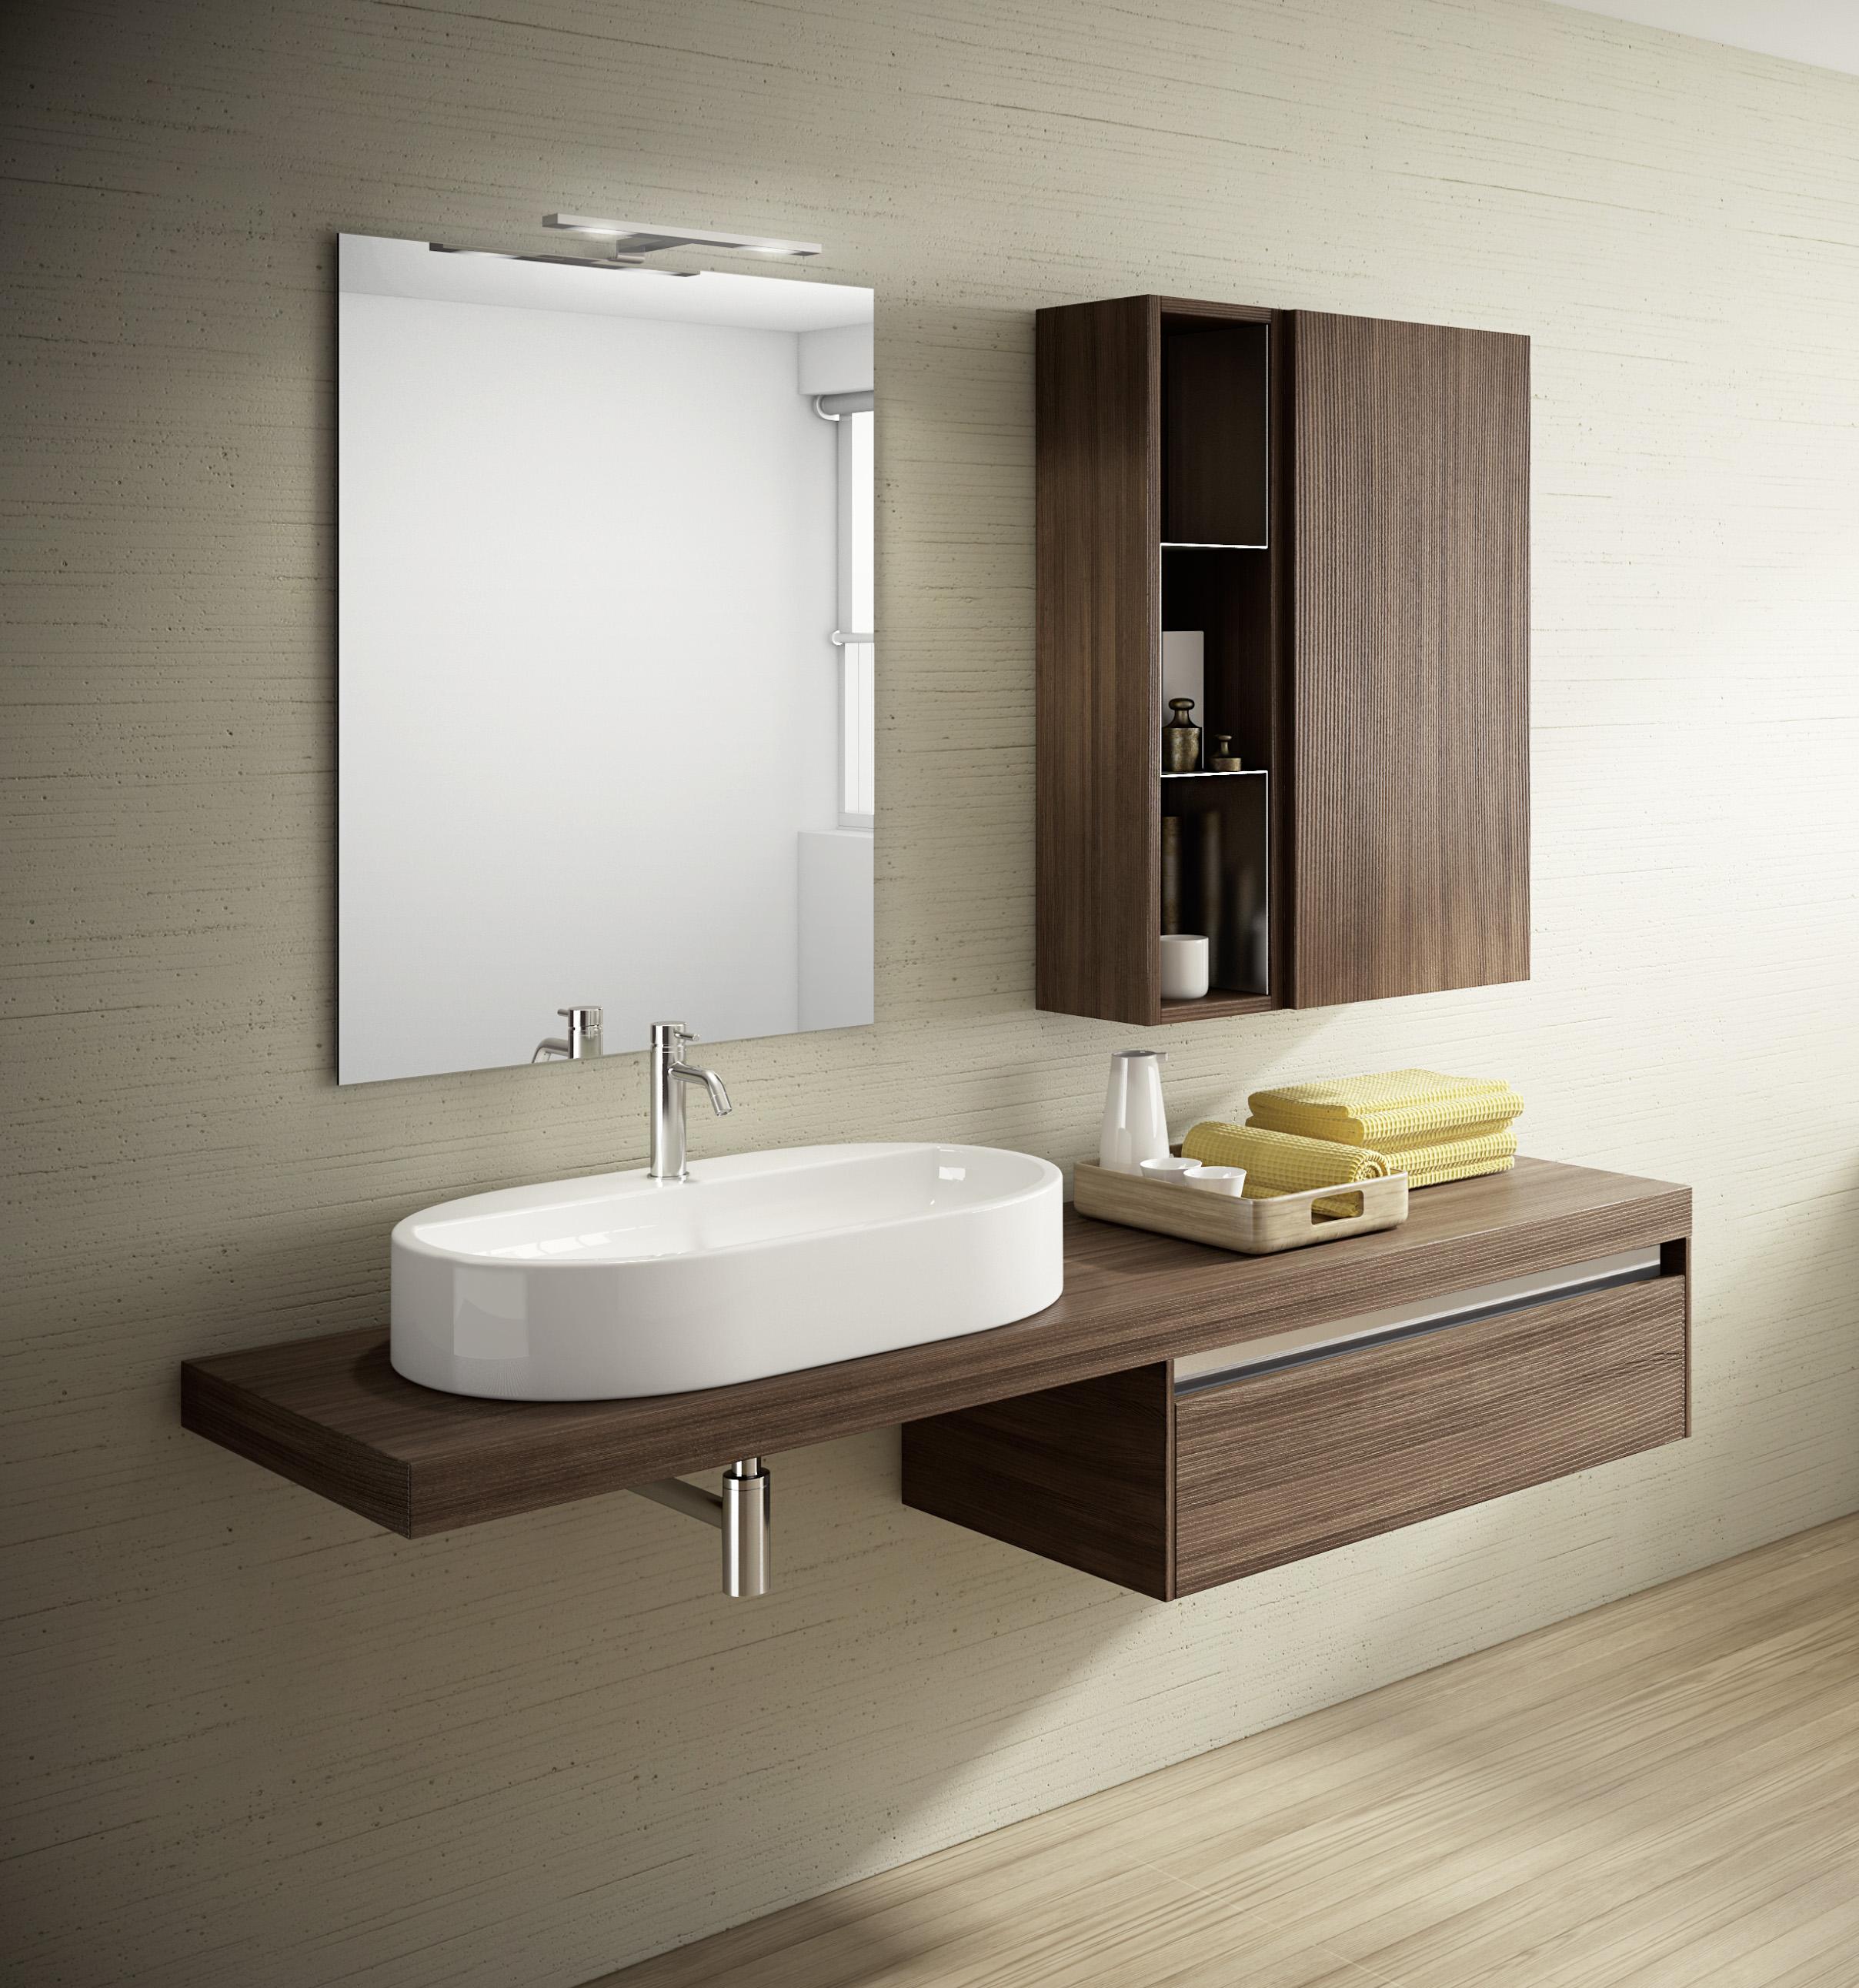 Tinta pareti marsala max meyer abbinamenti - Progetto accessori bagno ...